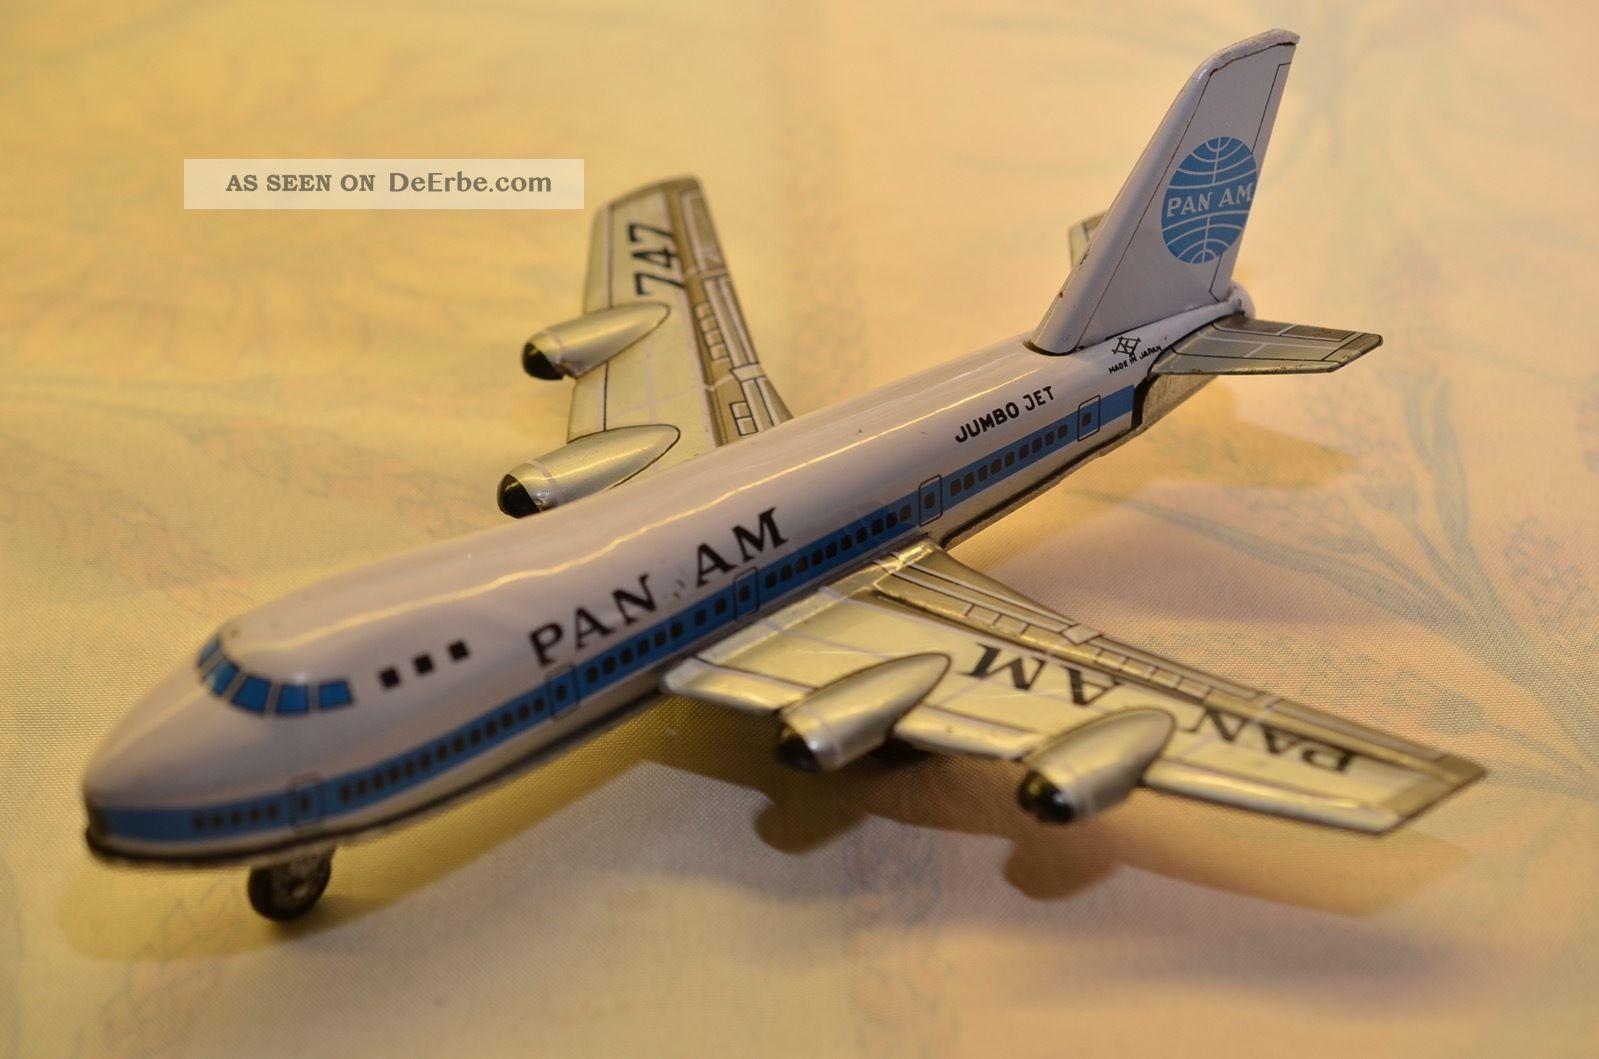 Sammlerstück Pan Am Blechflugzeug Schwungradantrieb Made In Japan 60er Jahre Original, gefertigt 1945-1970 Bild